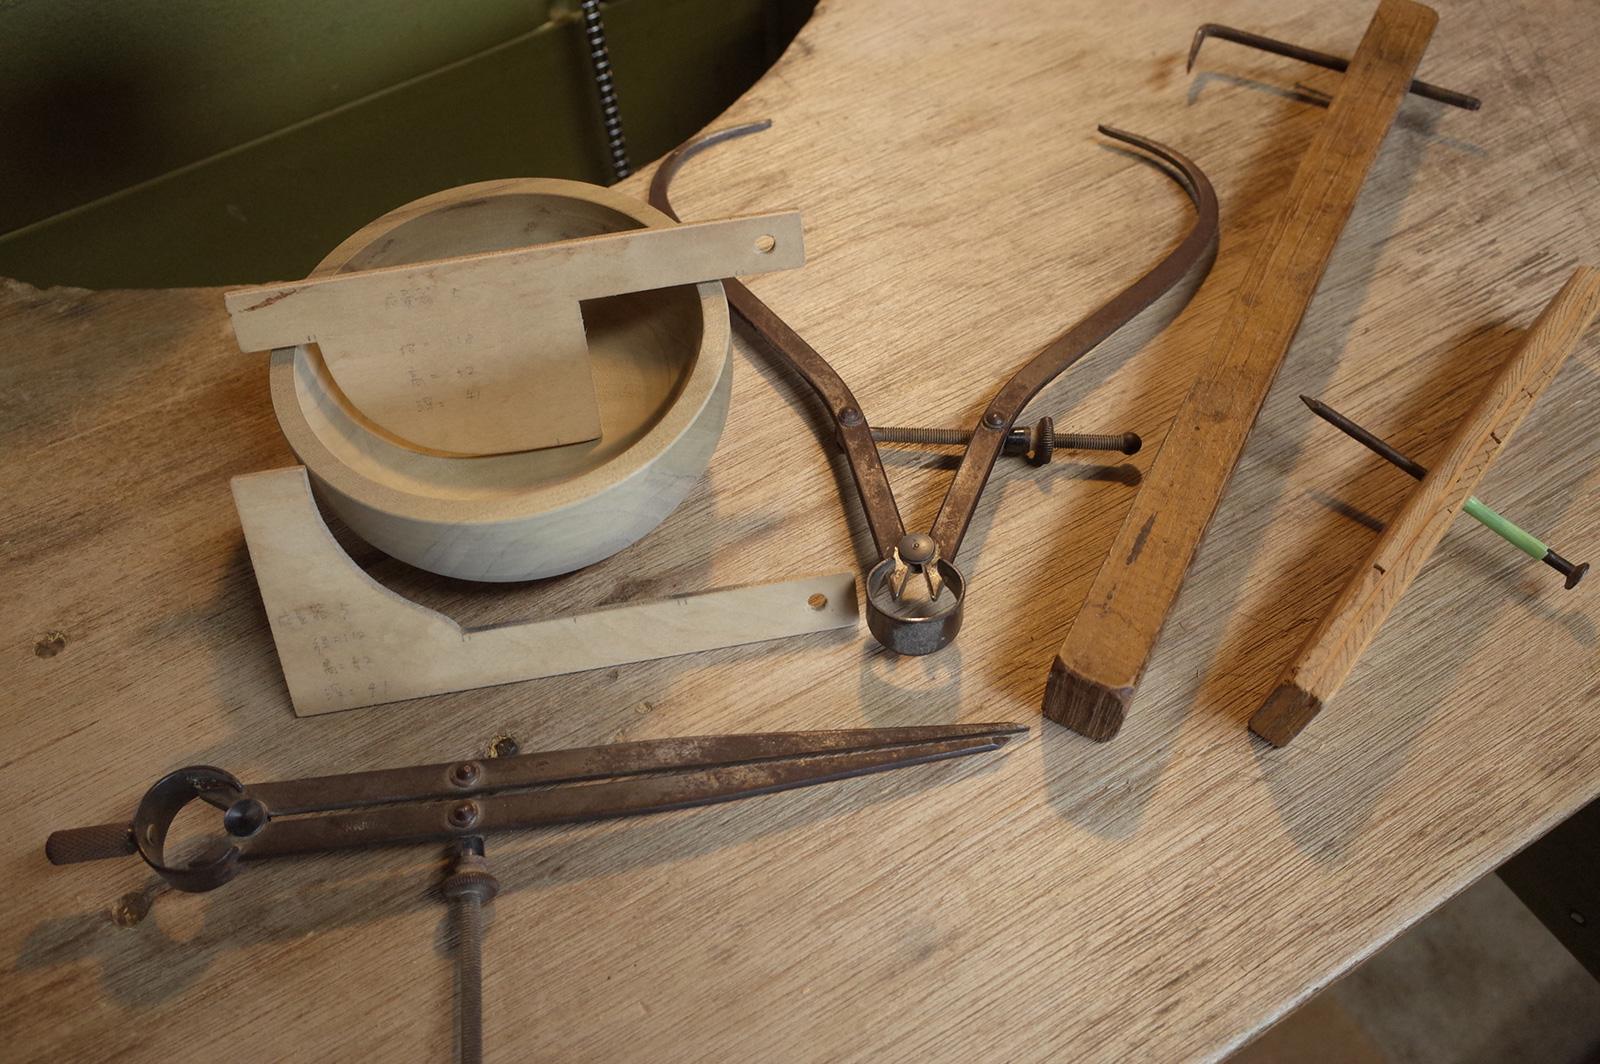 仕上げ削り工程で使用する「測る」道具類